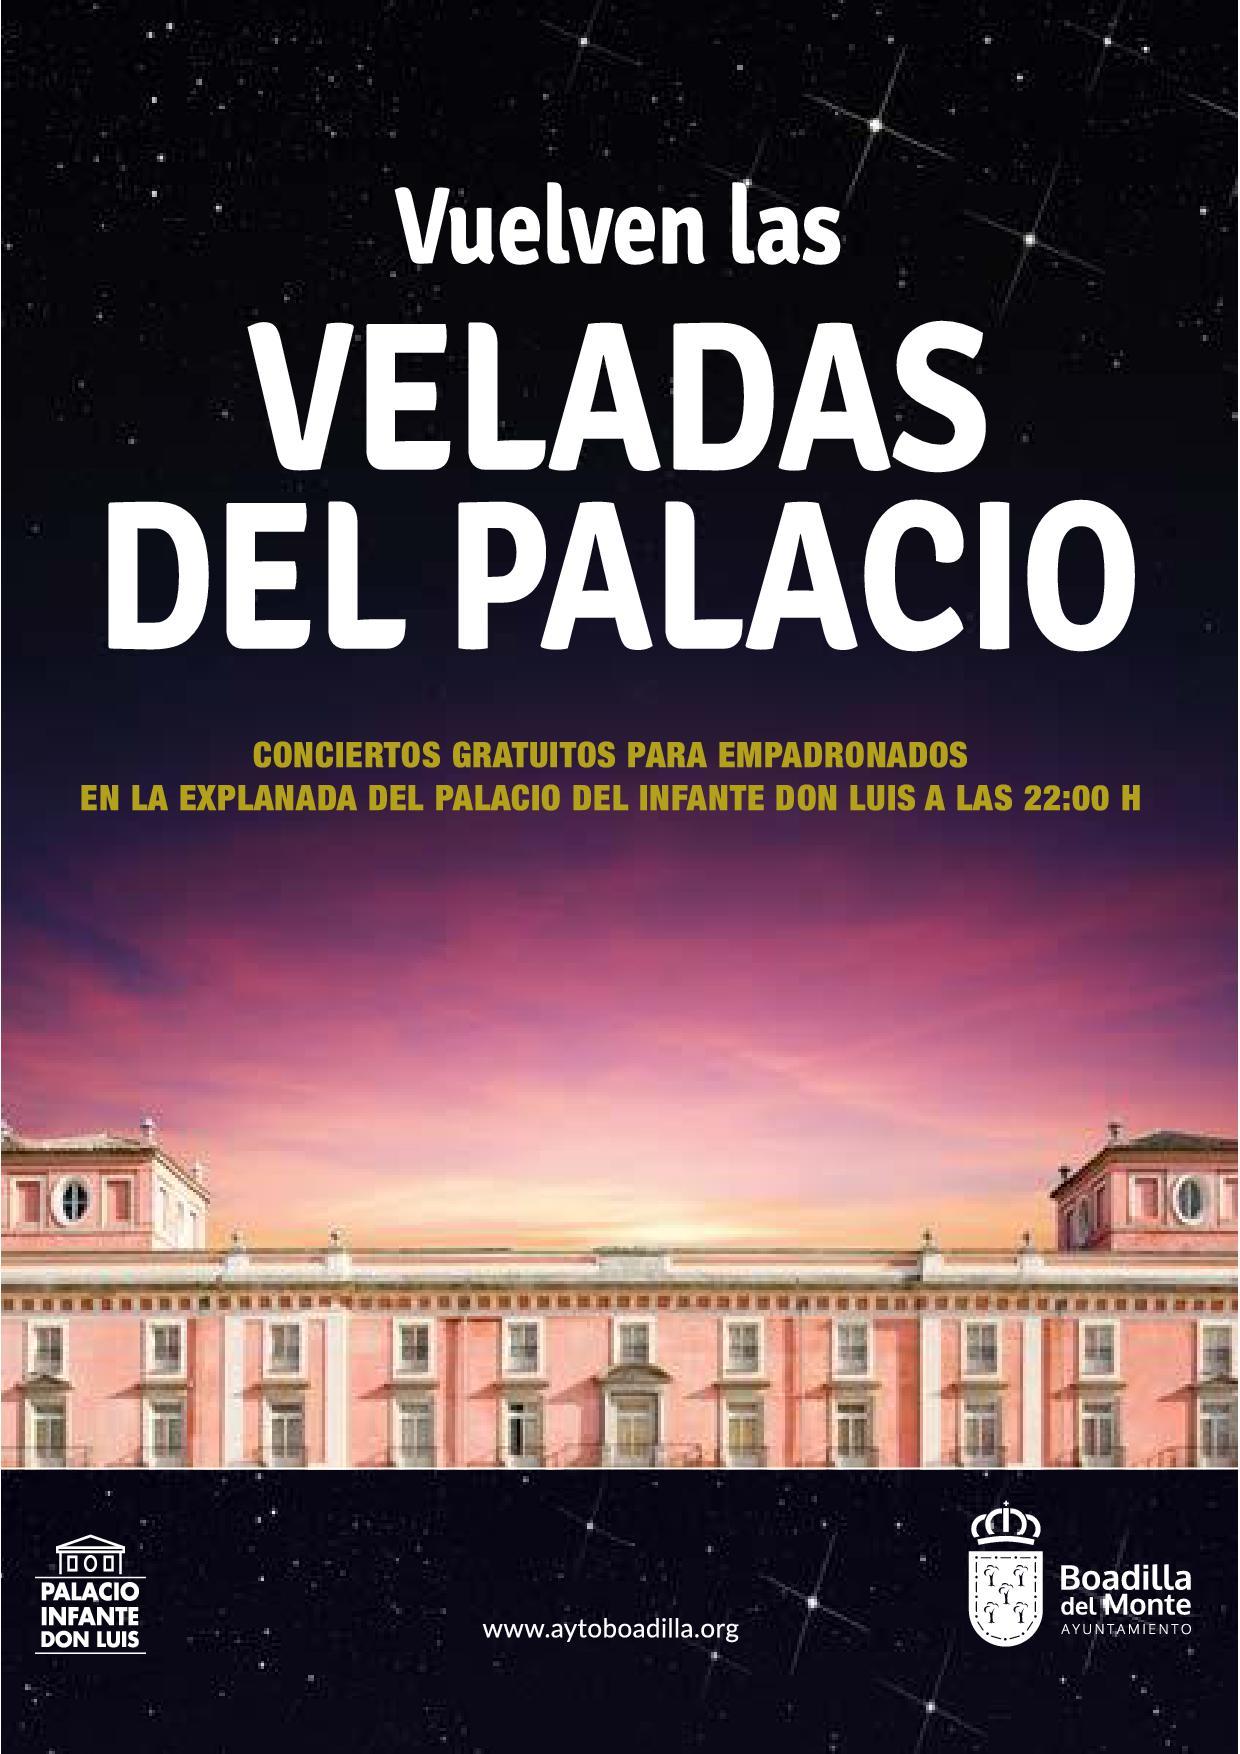 LAS VELADAS DEL PALACIO